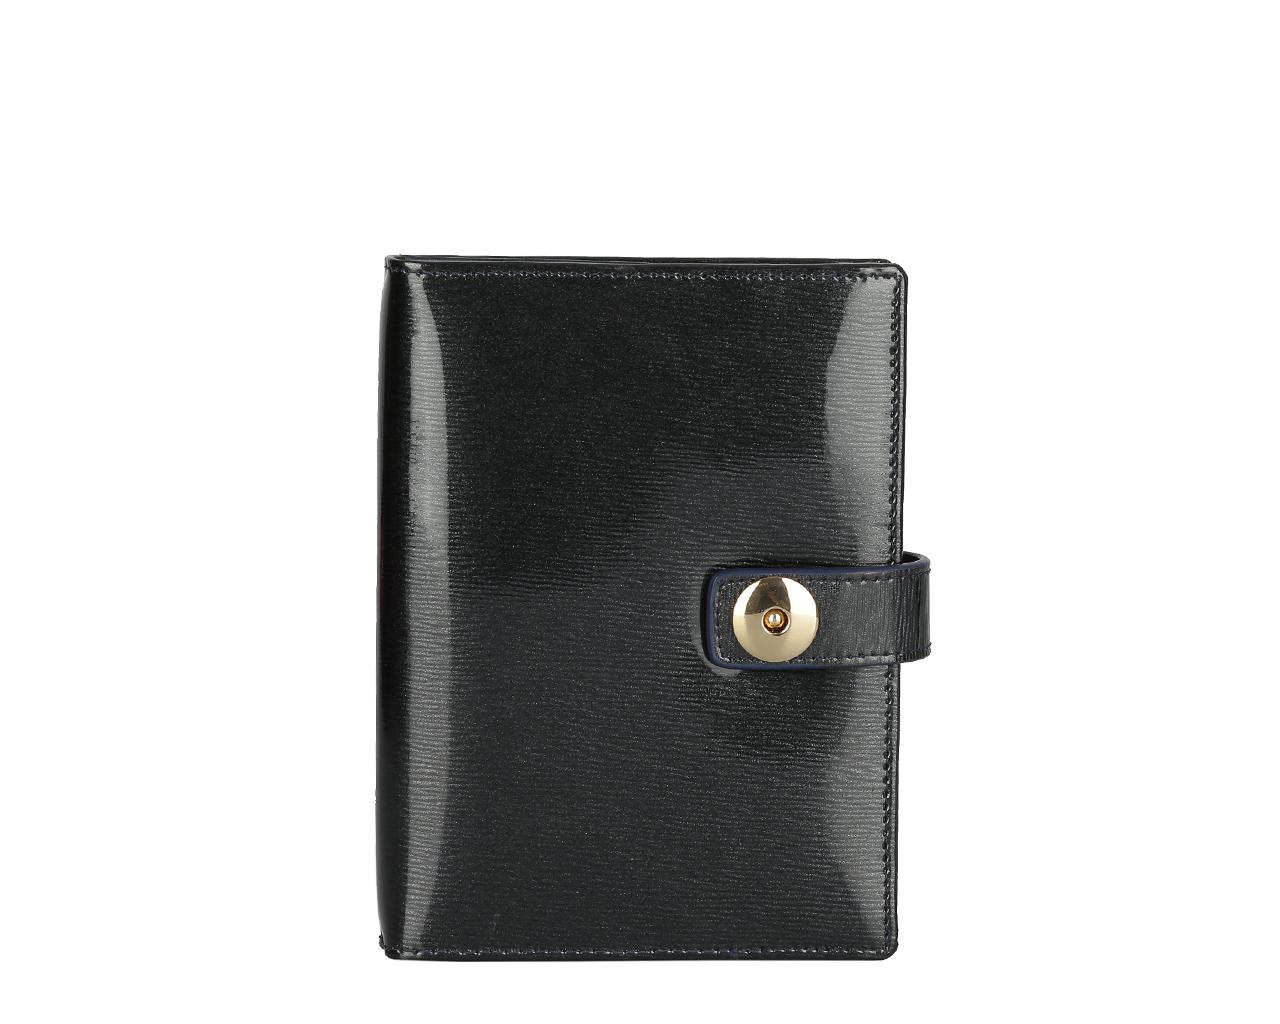 Обложка для документов женская Leo Ventoni, цвет: черный. L330841L330841 neroСтильная обложка для автодокументов Leo Ventoni выполнена из натуральной лакированной кожи и дополнена металлической фурнитурой. Изделие раскладывается пополам и закрывается хлястиком на магнитную кнопку. Внутри размещен вкладыш с шестью файлами для автодокументов, четыре кармана для кредитных карт, два накладных кармана, один из которых прозрачный. Изделие поставляется в фирменной упаковке. Оригинальная обложка для автодокументов Leo Ventoni станет отличным подарком для человека, ценящего качественные и практичные вещи.